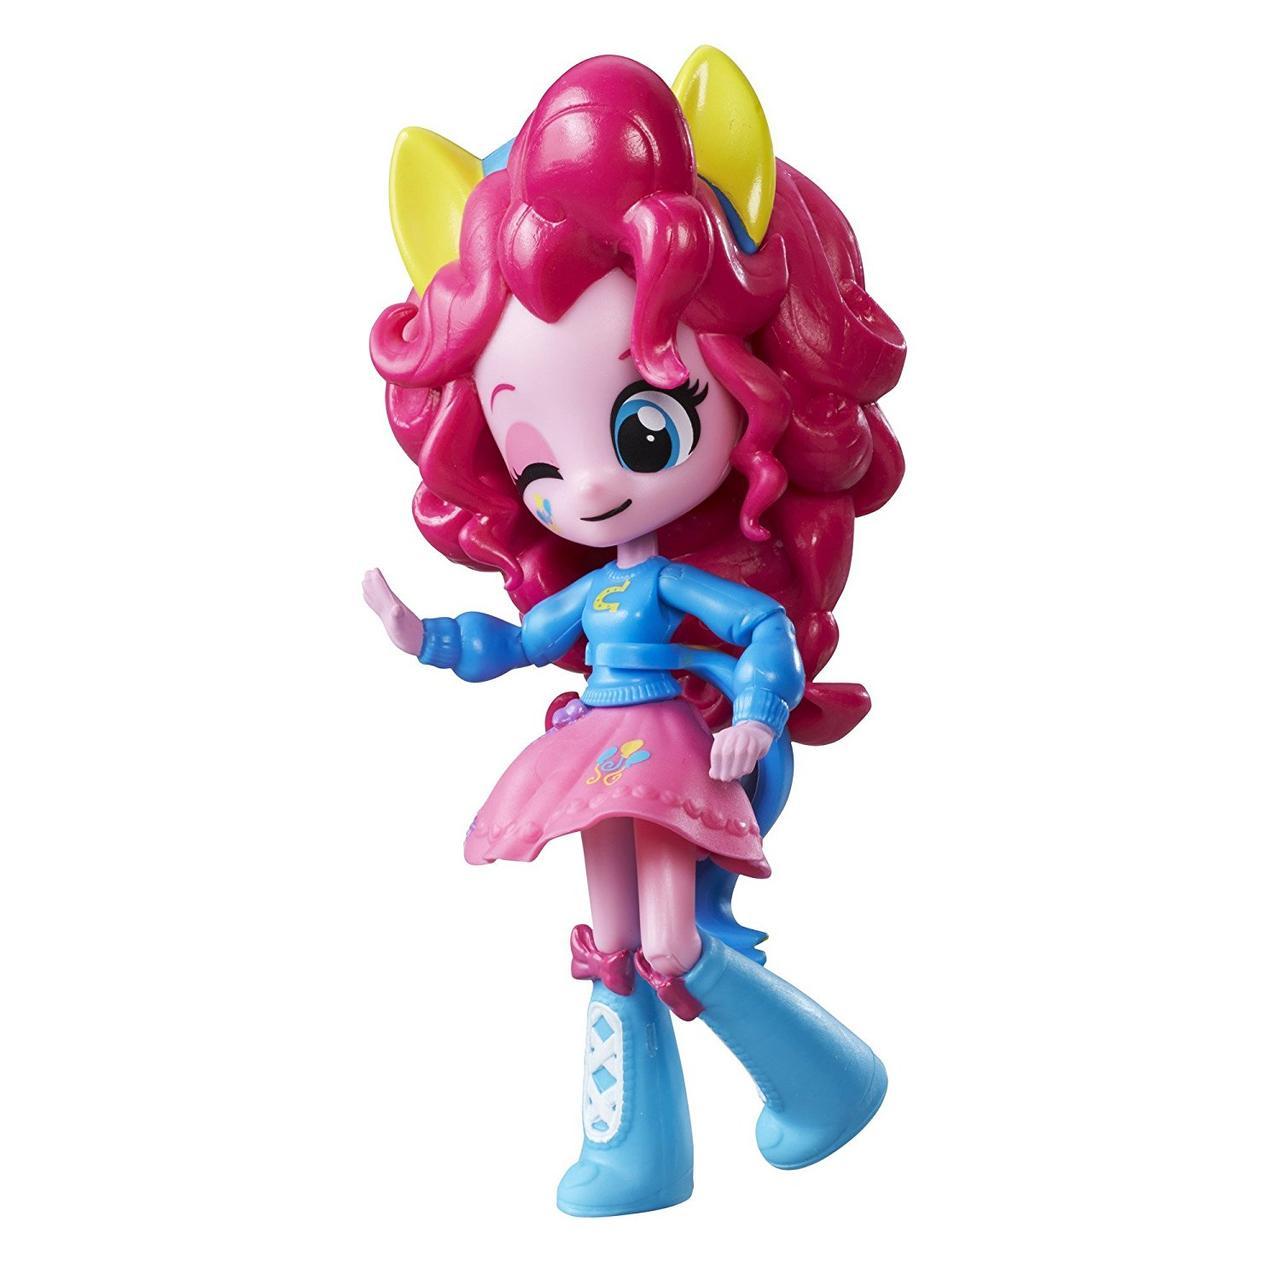 Пинки Пай Минис Моя Маленькая Пони Май Литл Пони (My Little Pony Equestria Girls Minis Pinkie Pie)